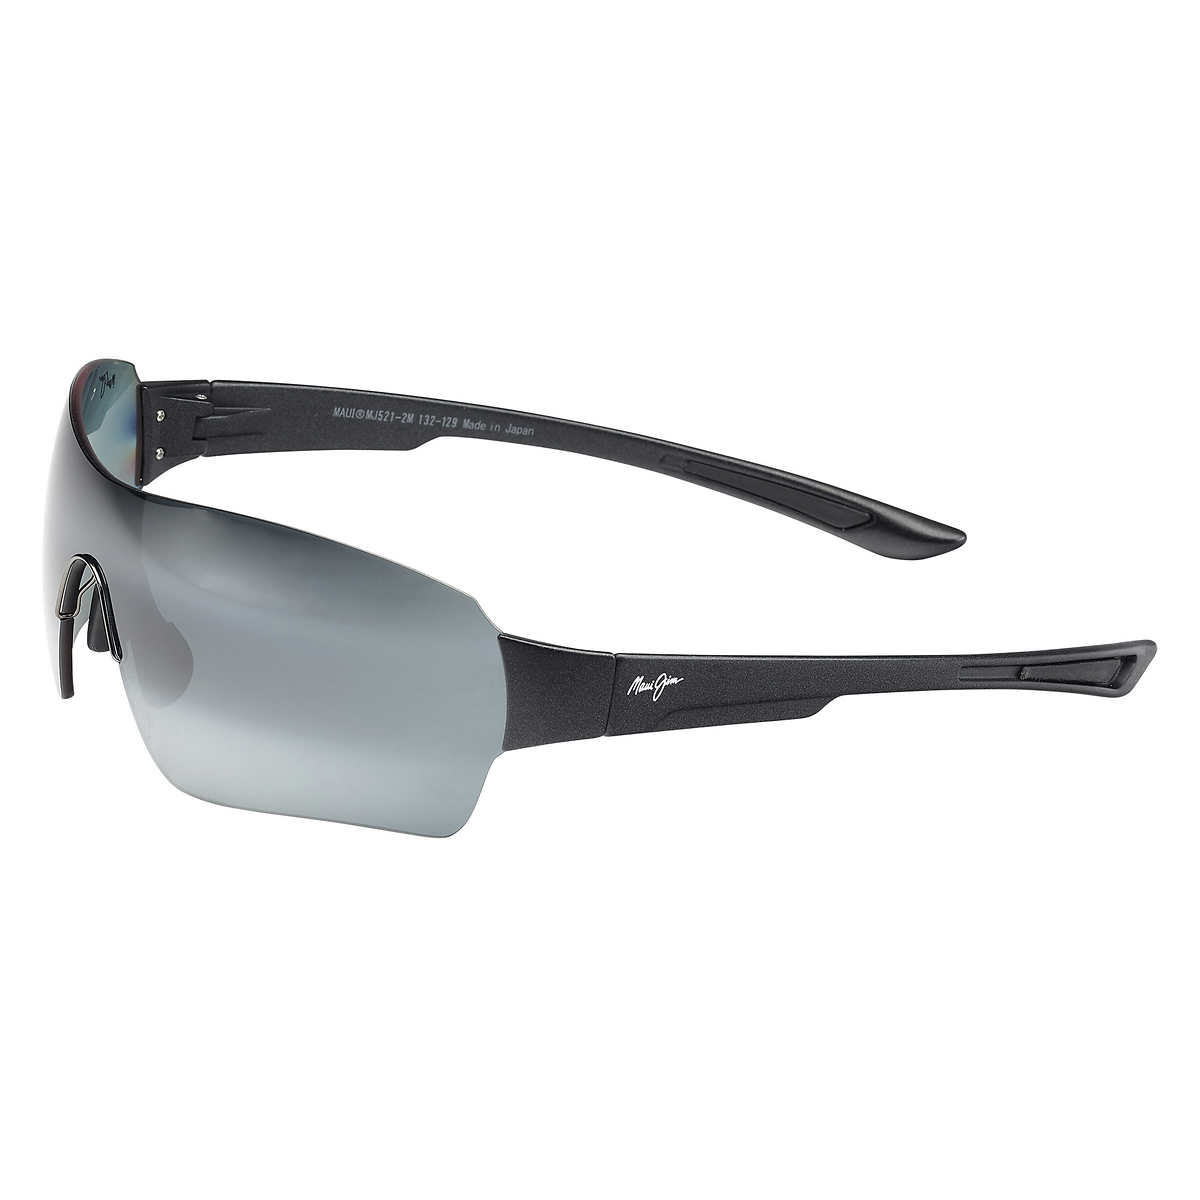 1d9b1fb369f Maui Jim Night Dive 521-2M Matte Black Polarized Sunglasses. 1 1